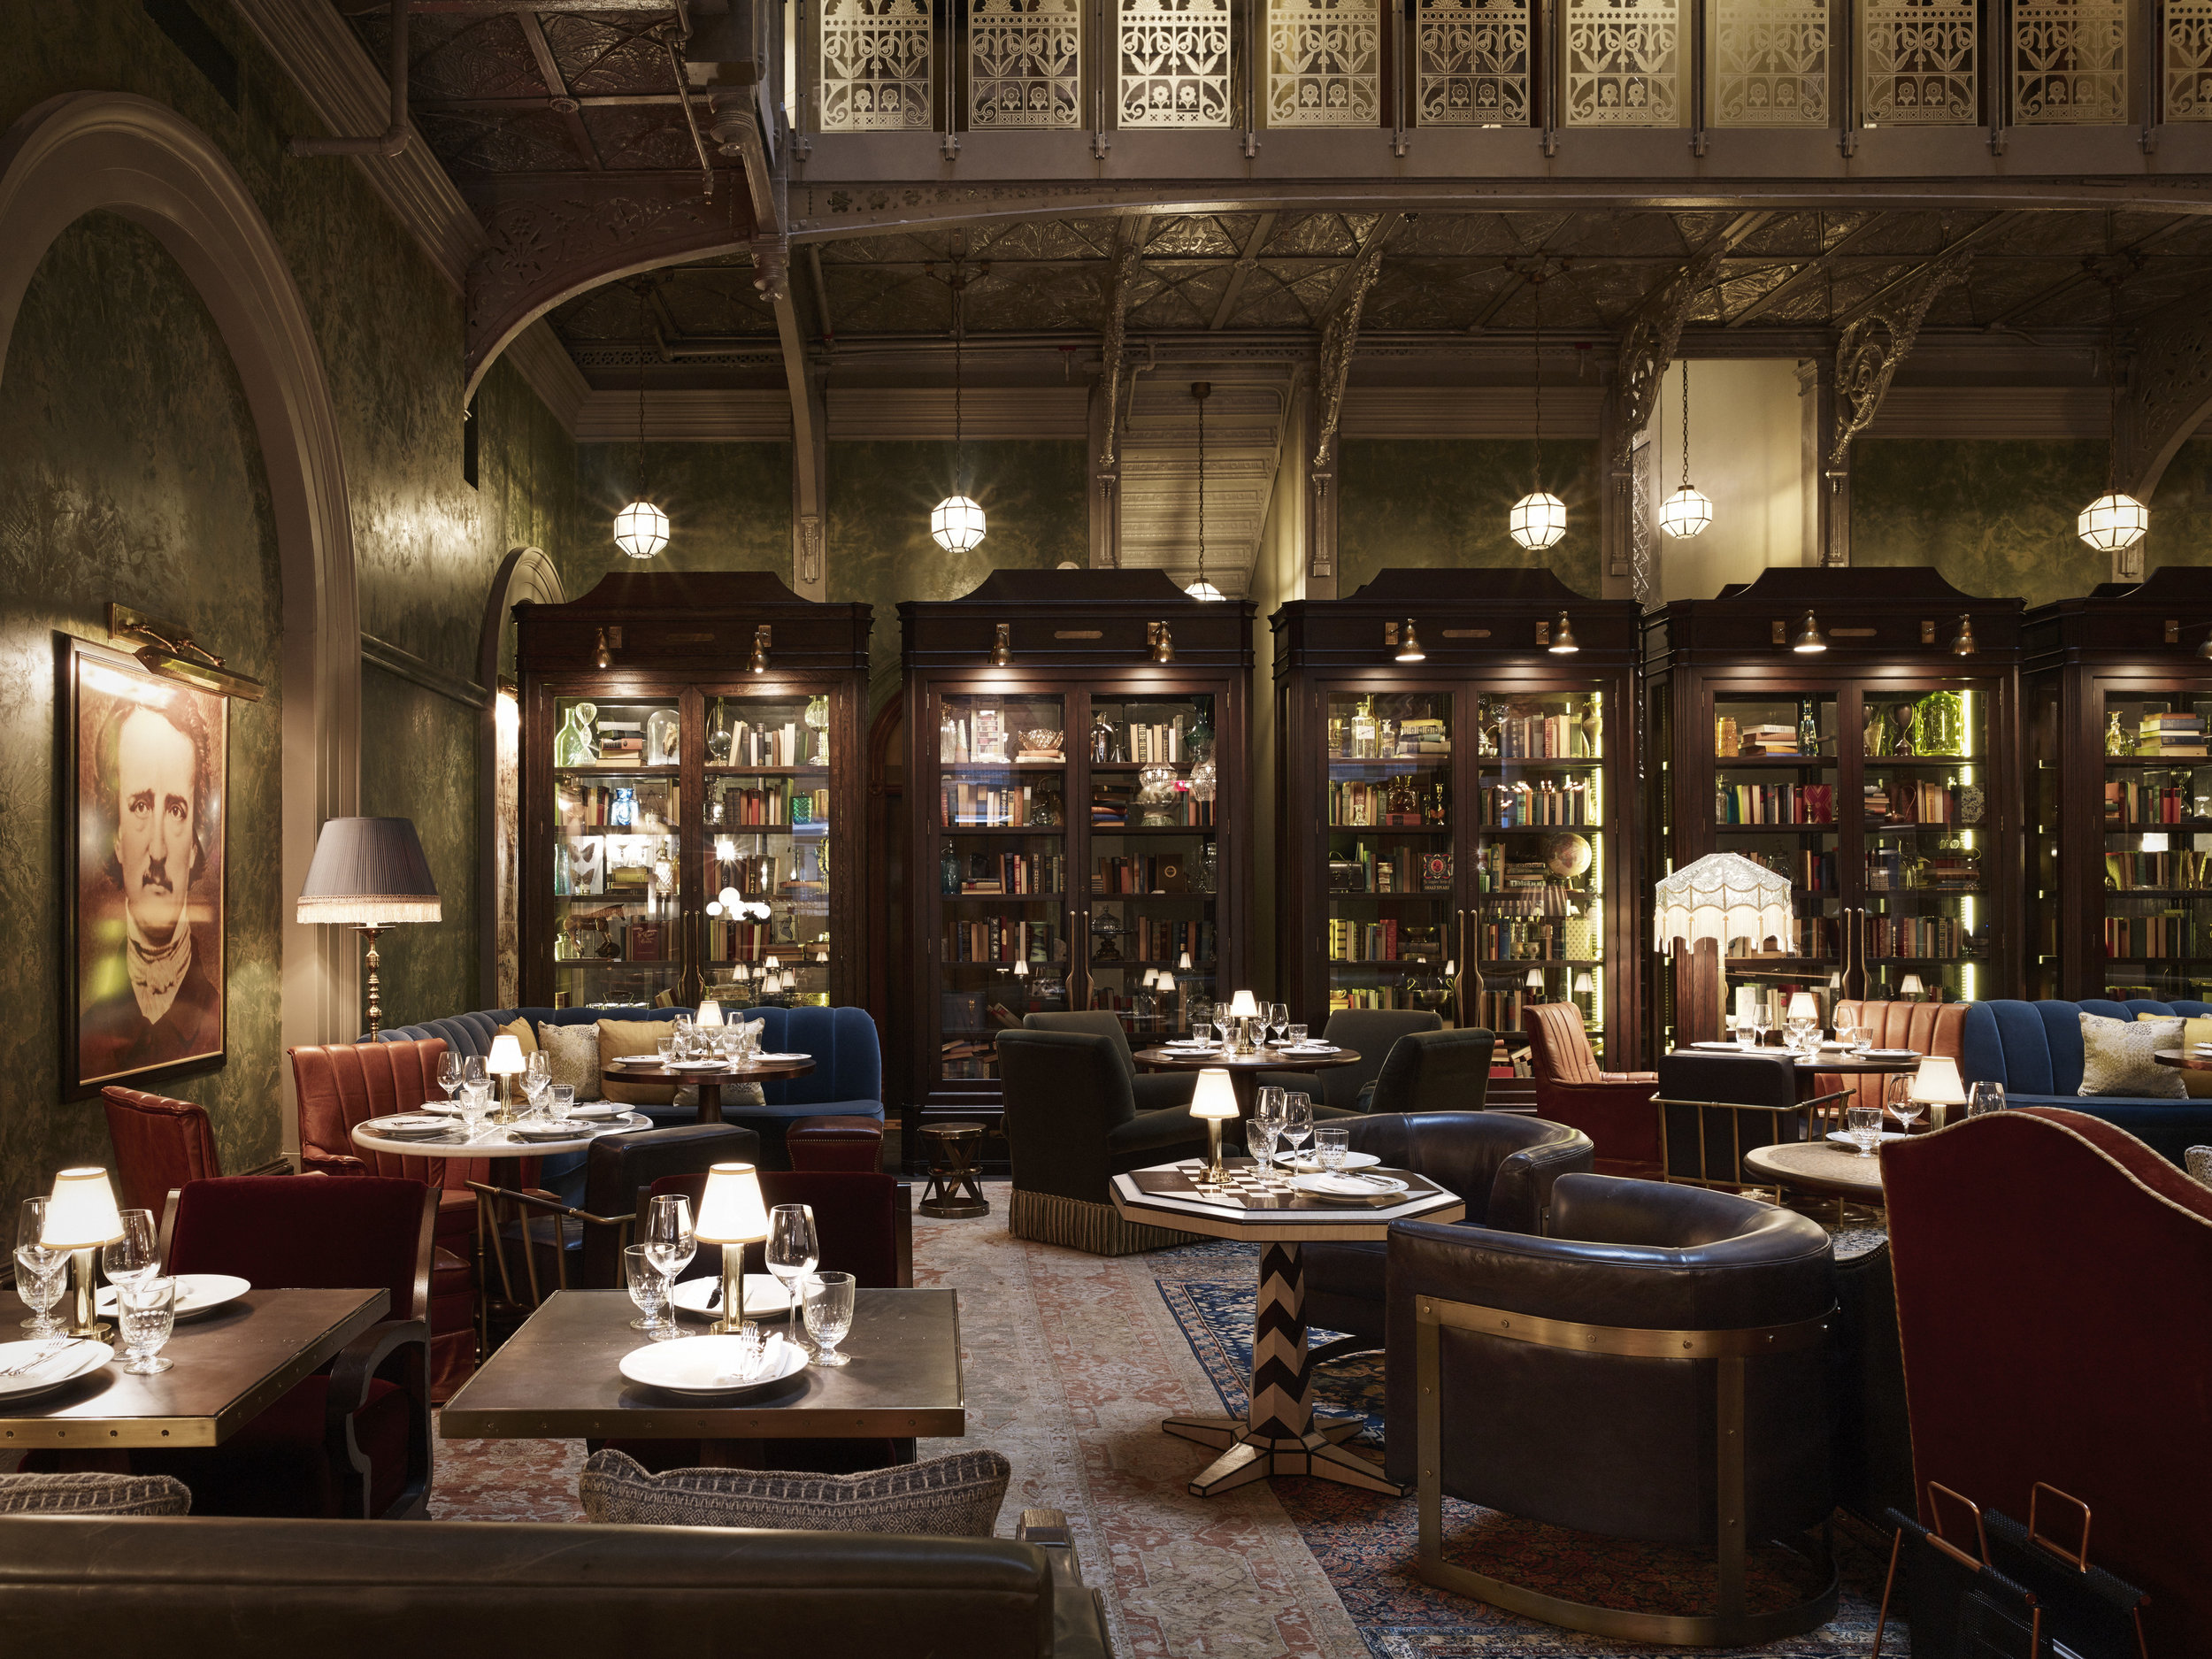 The Beekman Hotel har et vakkert atrium, og er et av de flotteste hotellene i New York! Den livlige baren er alltid godt besøkt av både gjester og lokale